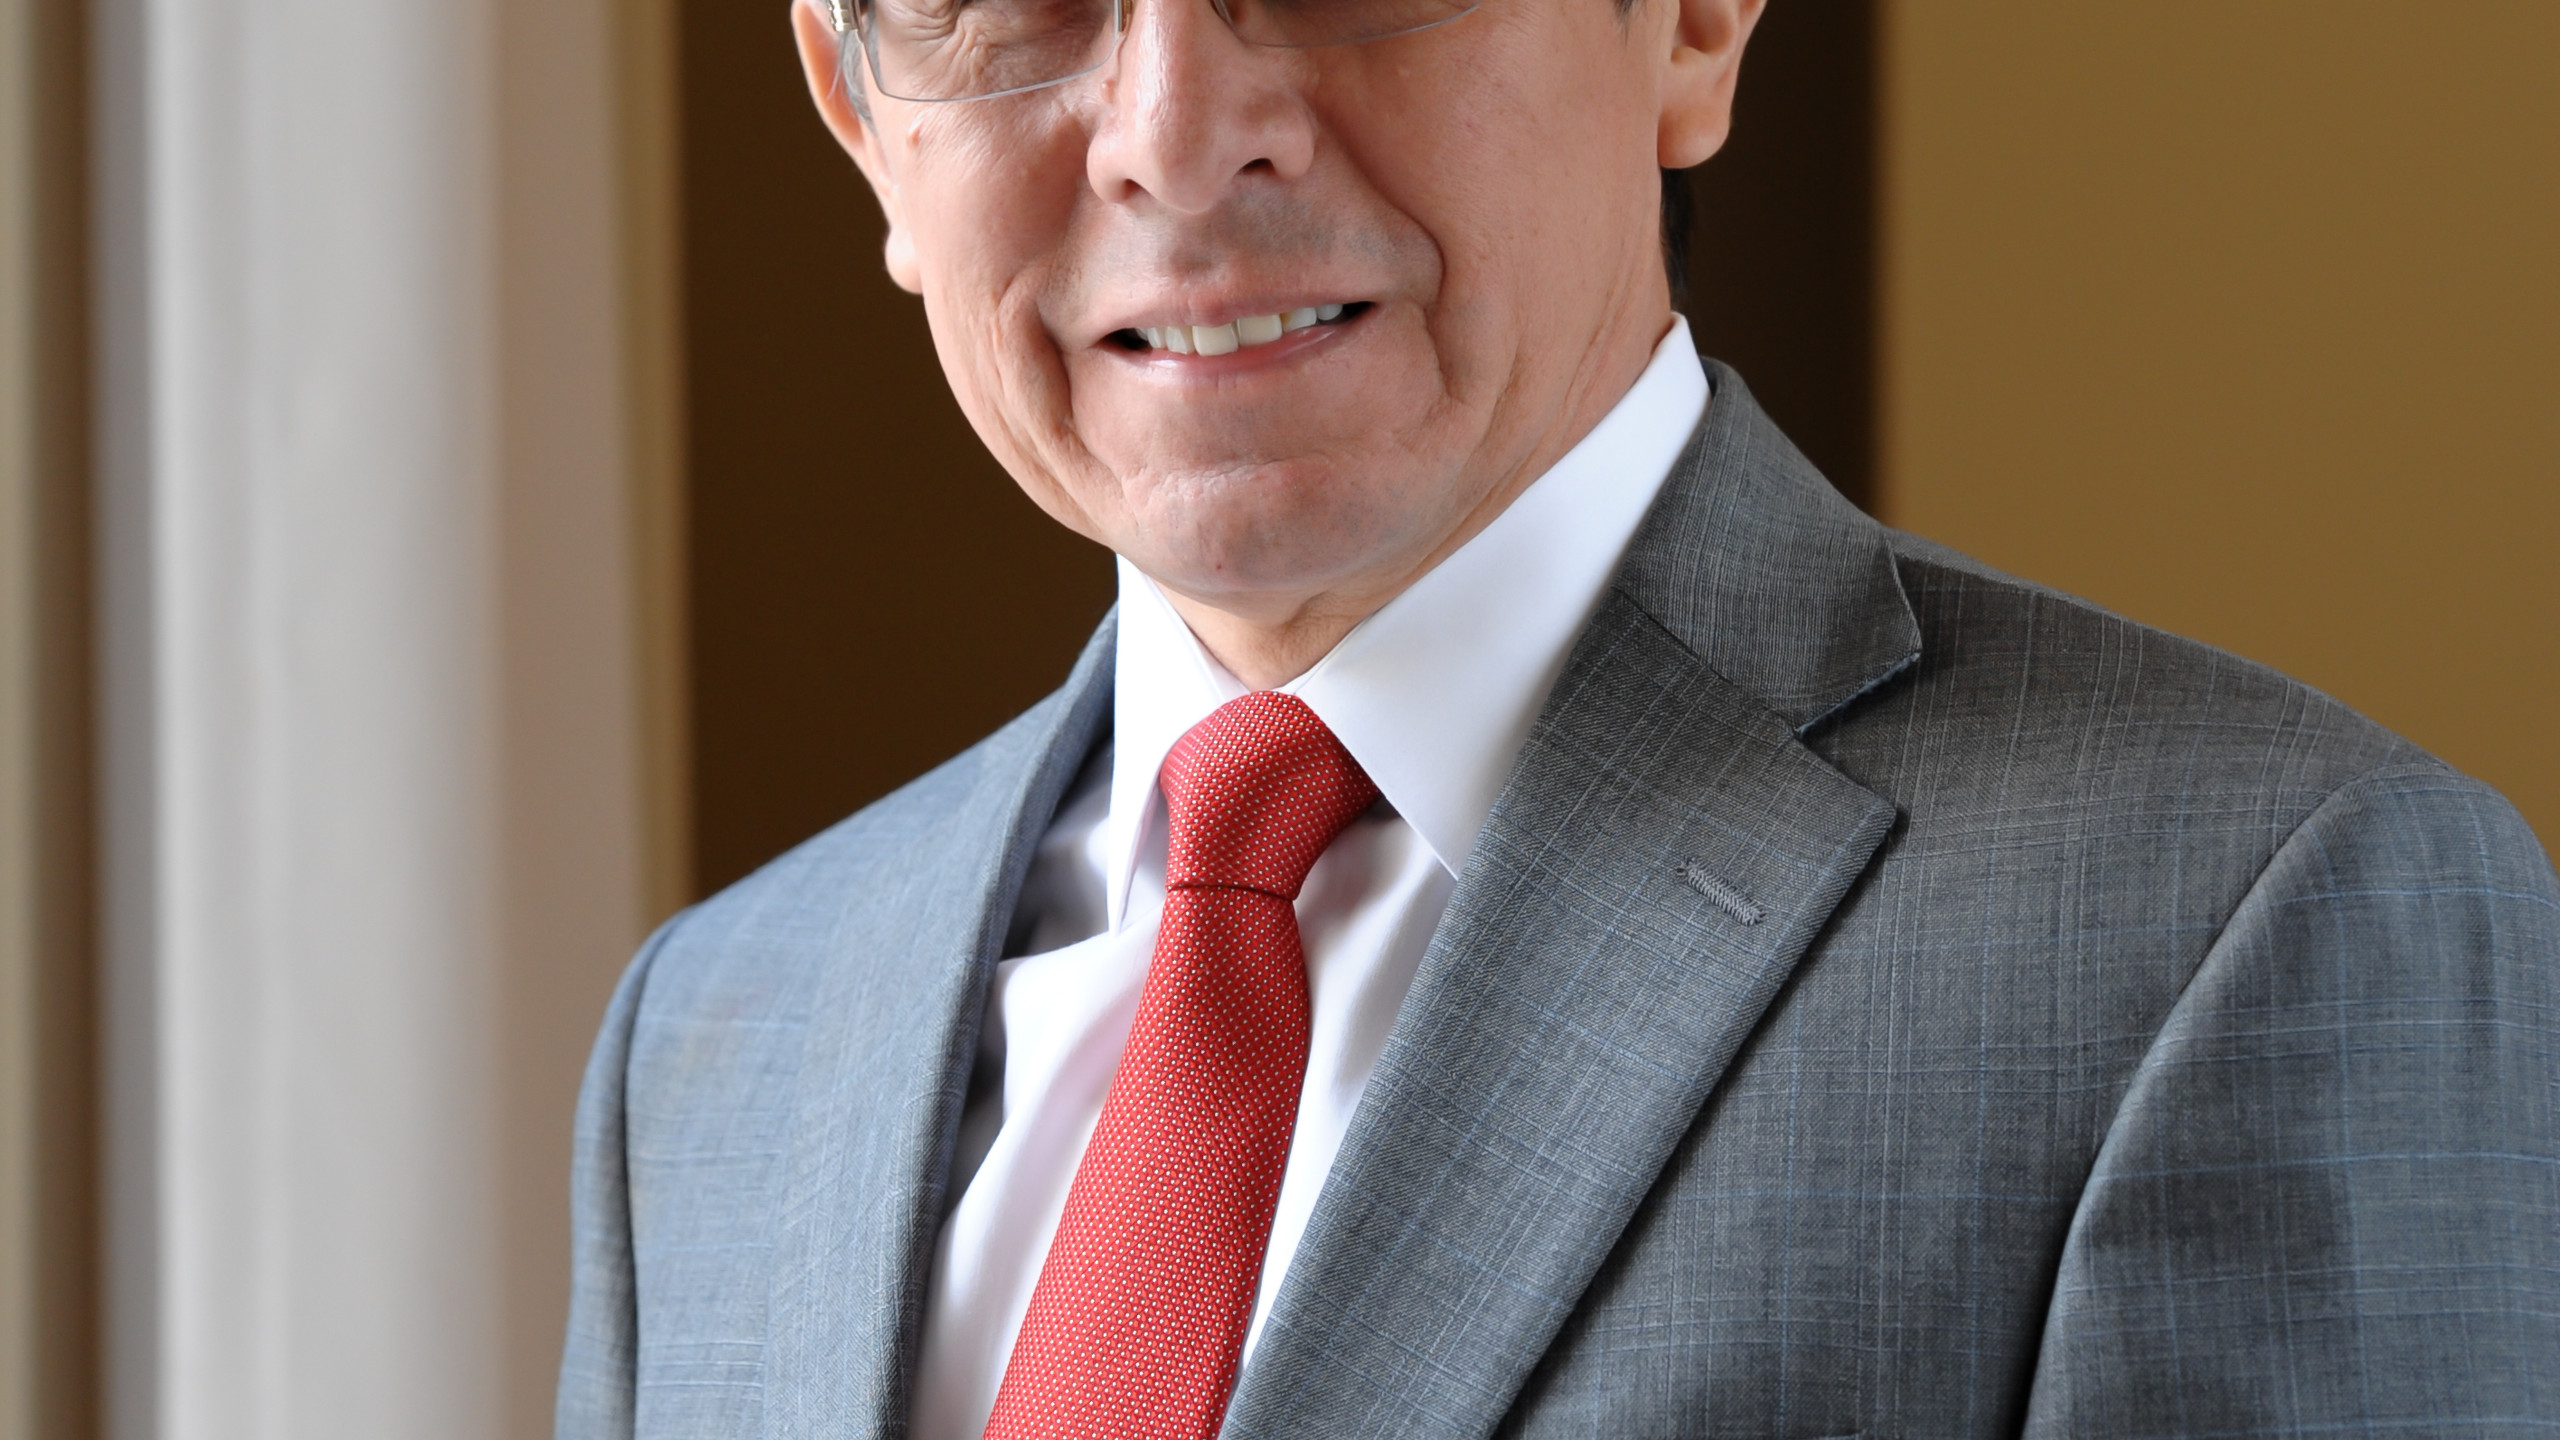 Dr. Pedro Arguello